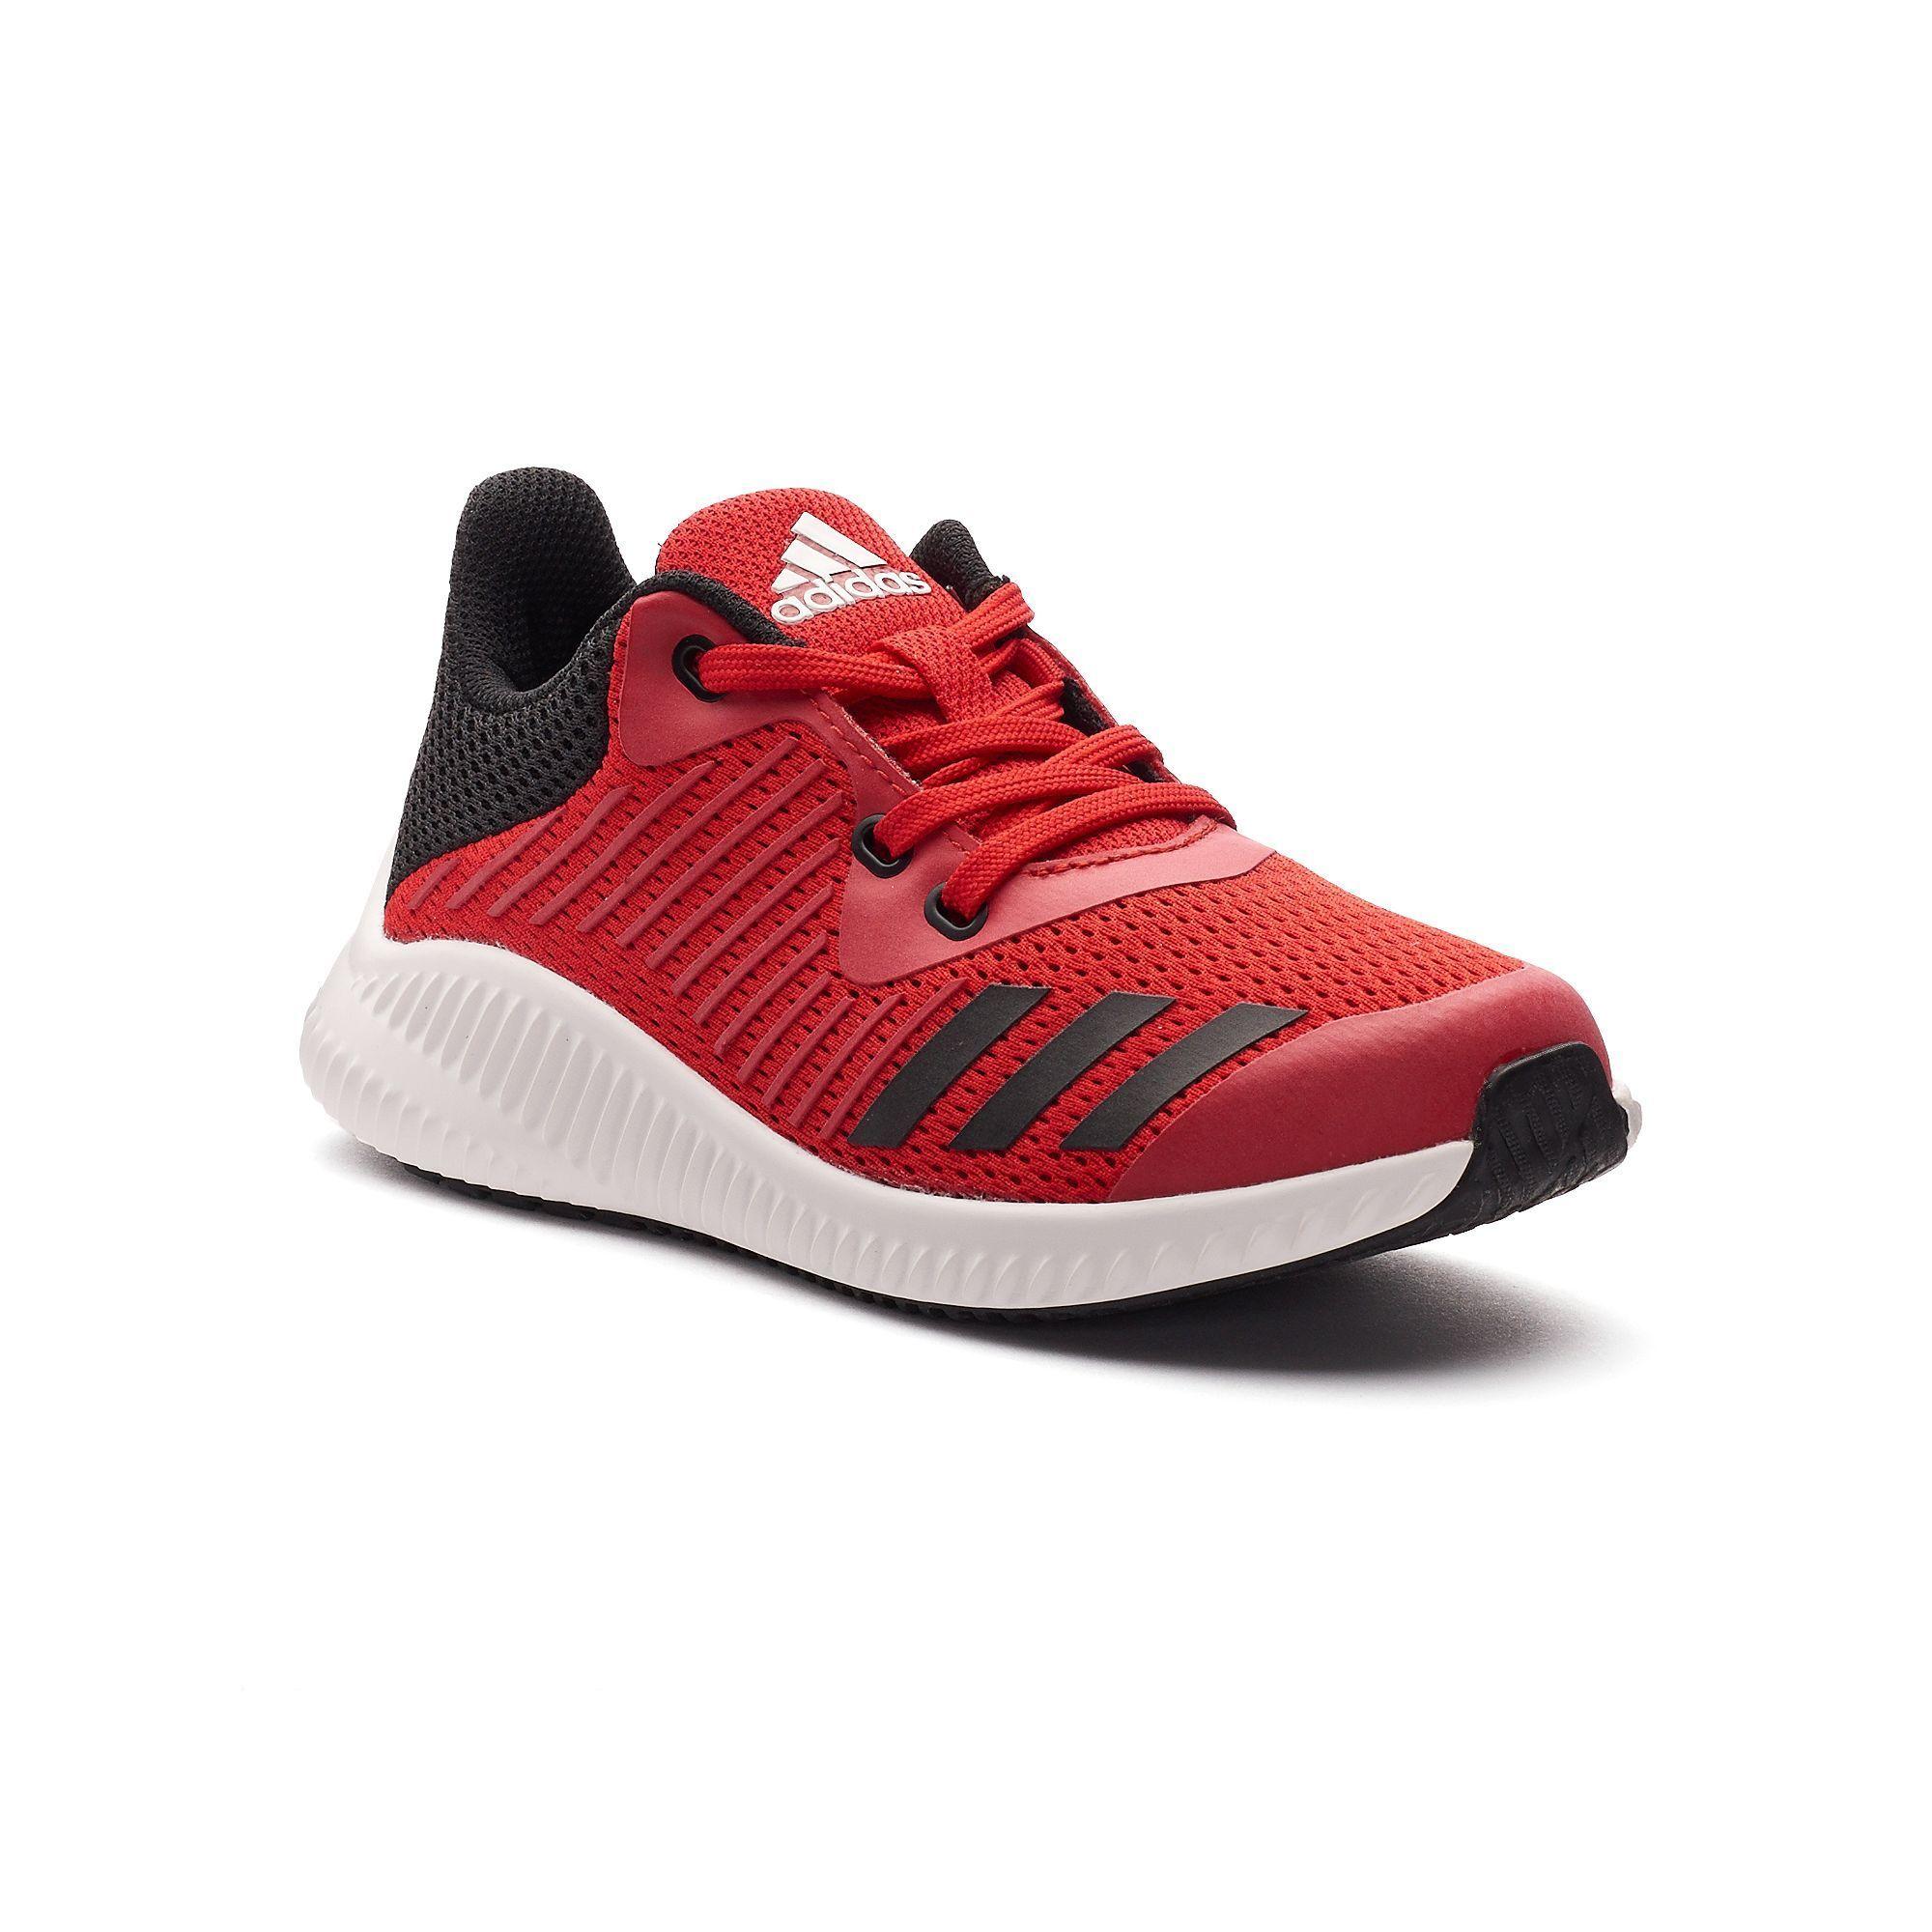 Adidas fortarun ragazzi